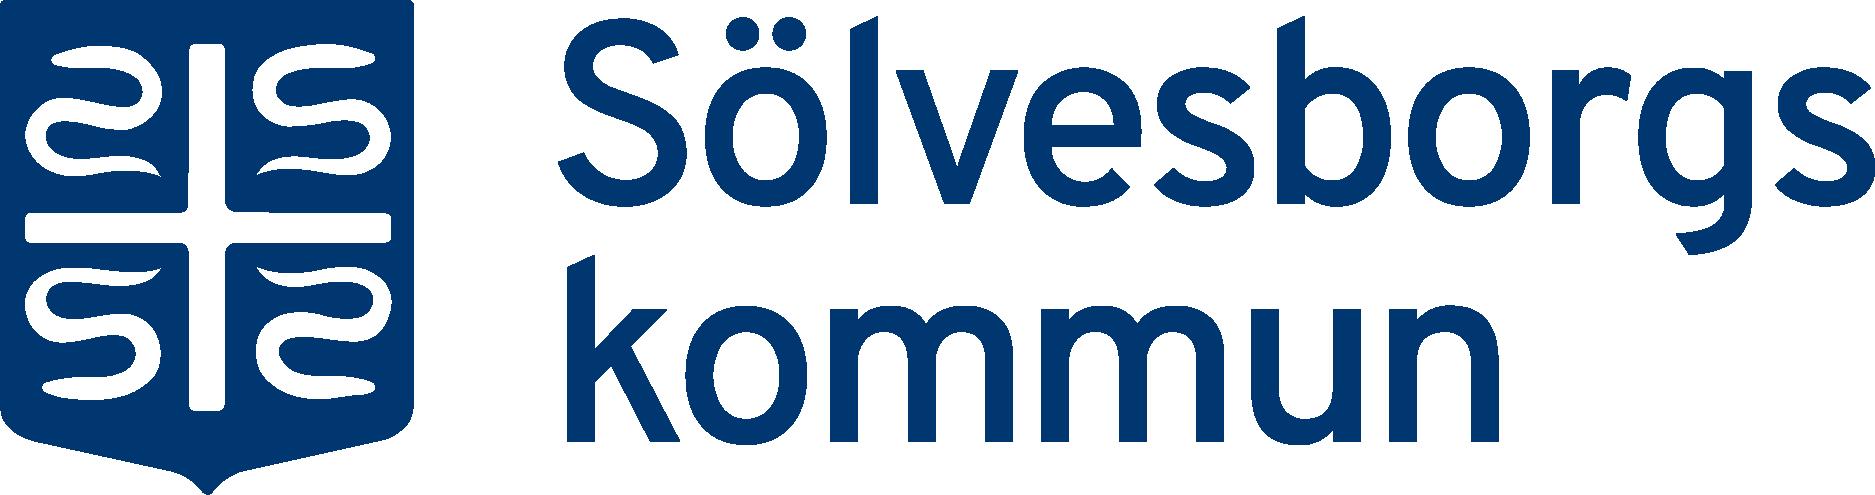 Solvesborgs kommun- logga. Klicka här för att gå till deras hemsida